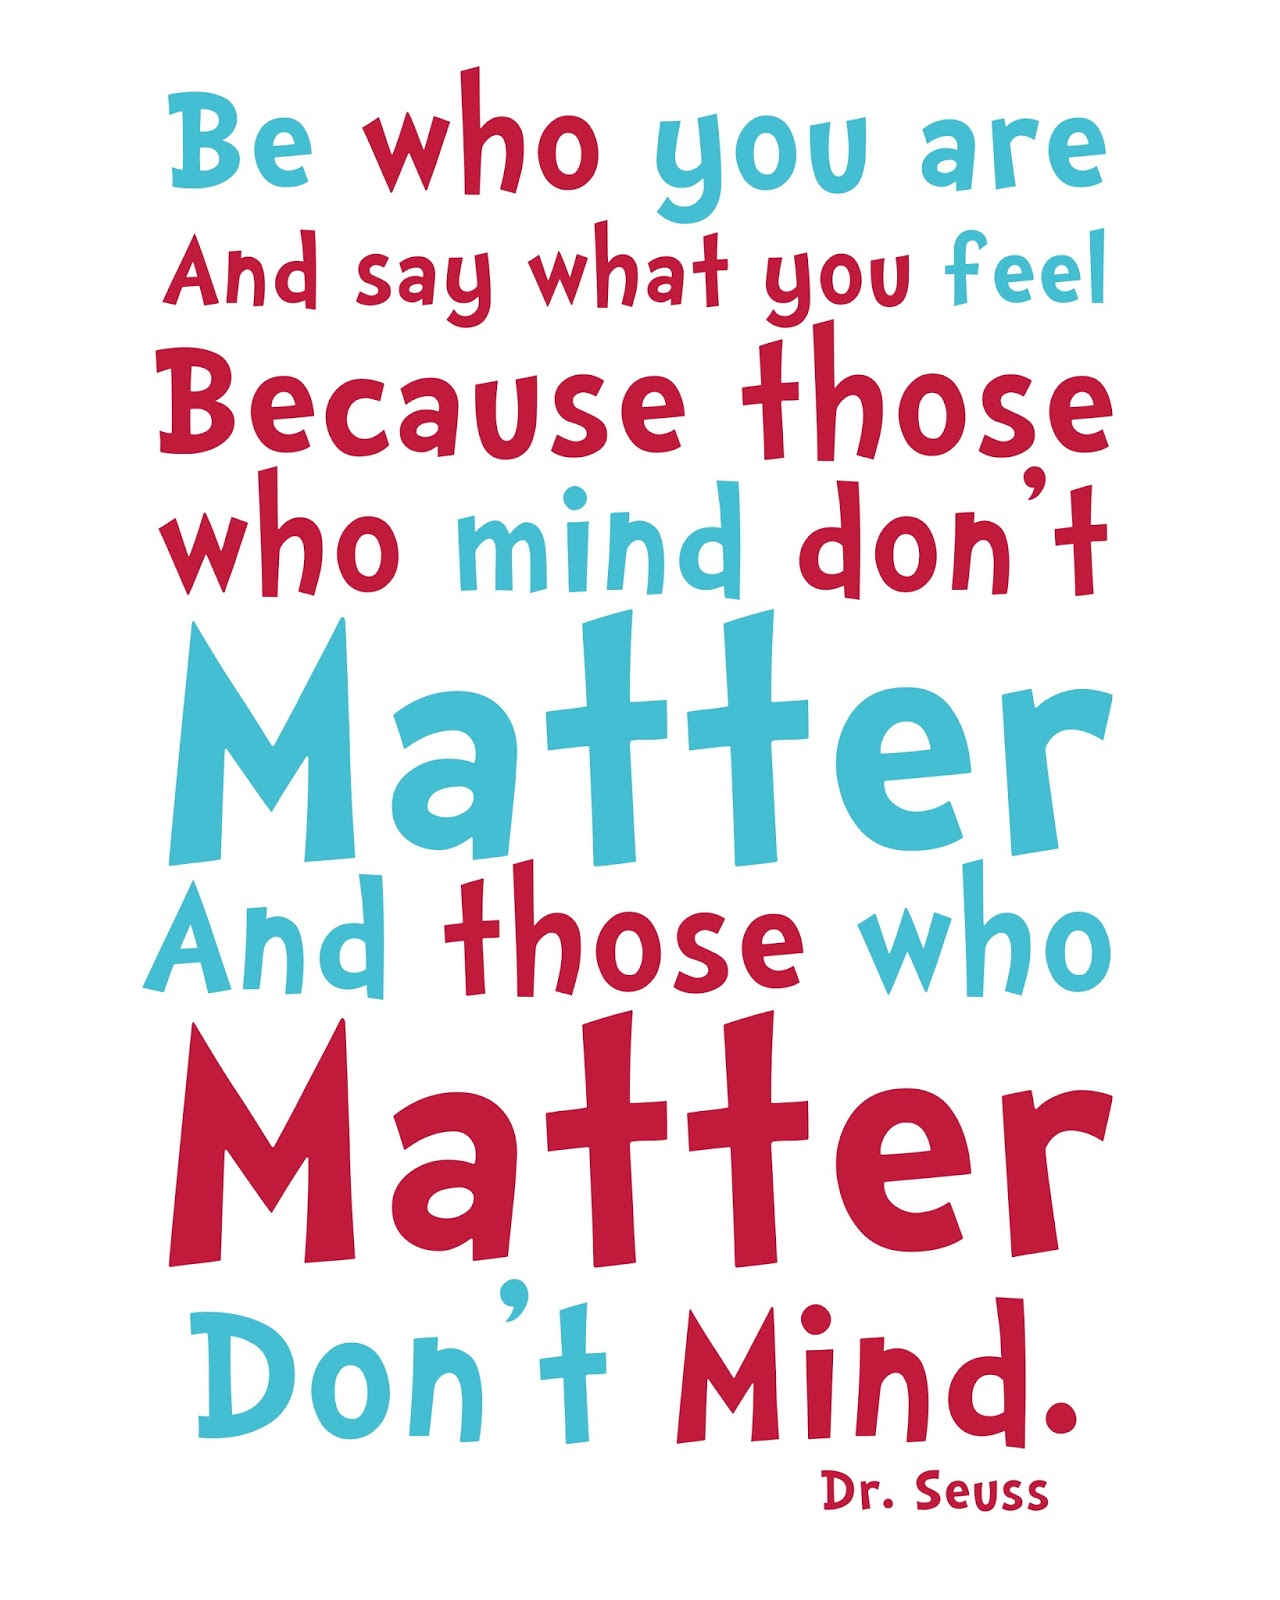 Dr. Seuss Quotes 2